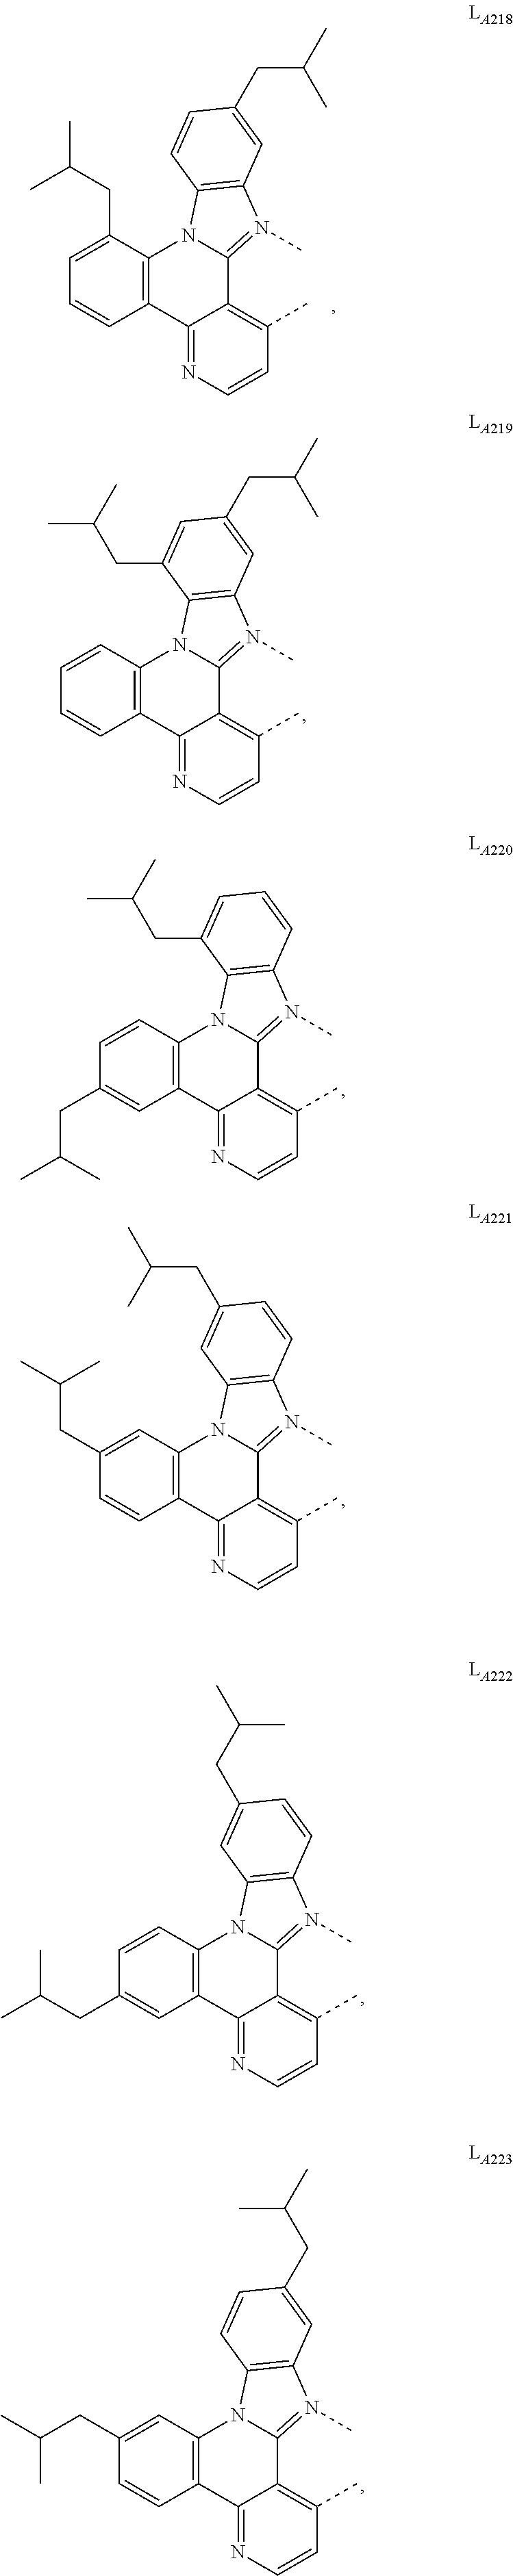 Figure US09905785-20180227-C00471